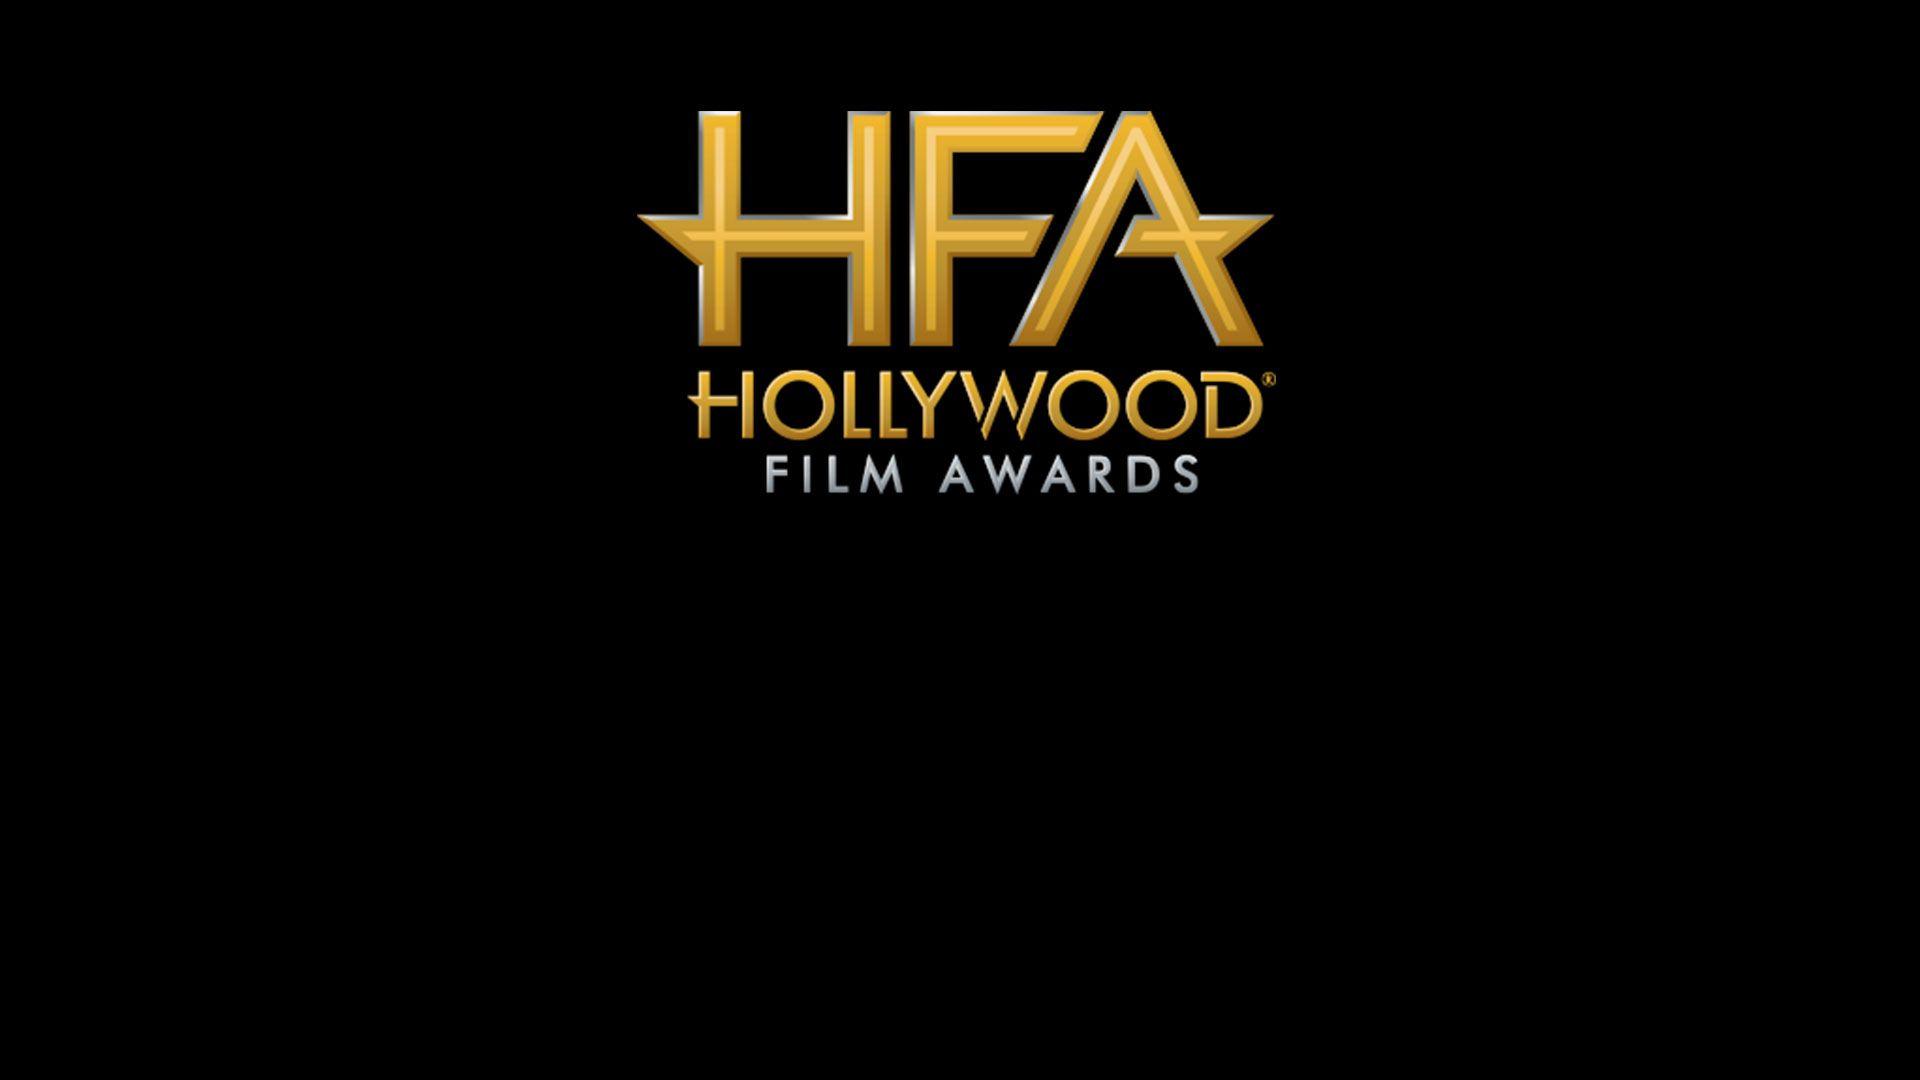 Les Hollywood Film Awards 2018 dévoilent leur palmarès